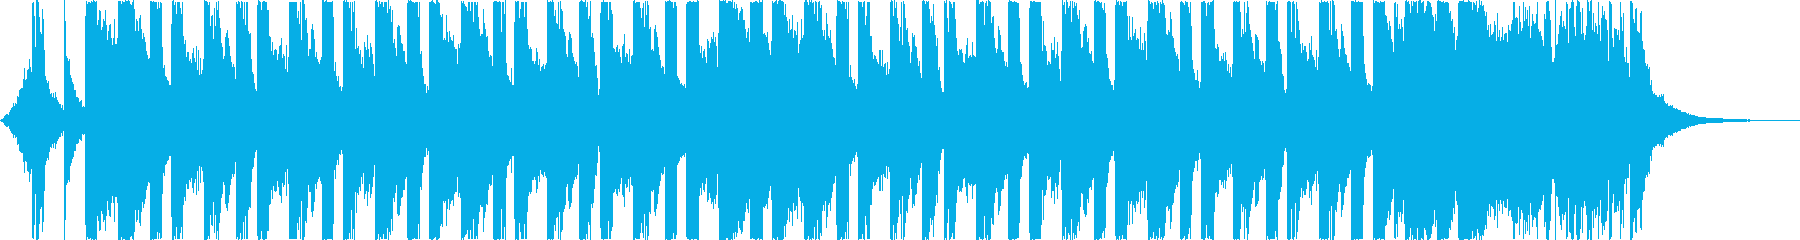 おしゃれ洋楽トラップヒップホップレゲエcの再生済みの波形